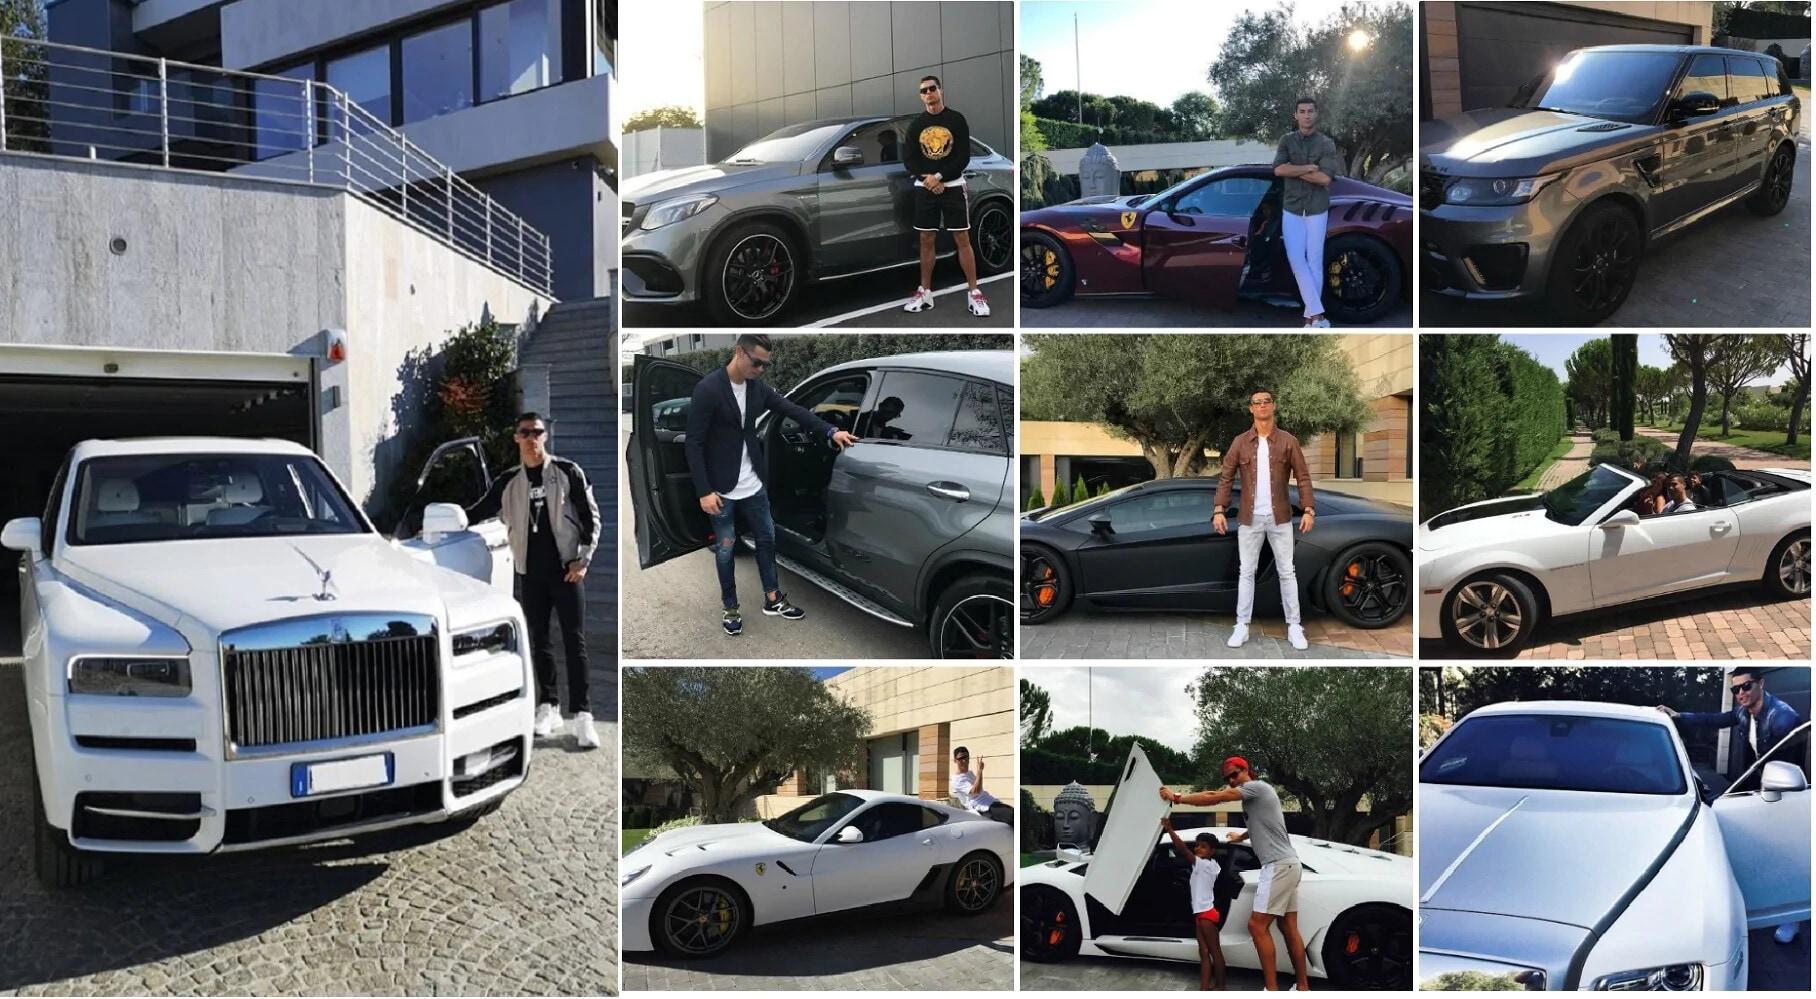 Cristiano Ronaldo lascia la Juve, dove raggiungerà le sue supercar?